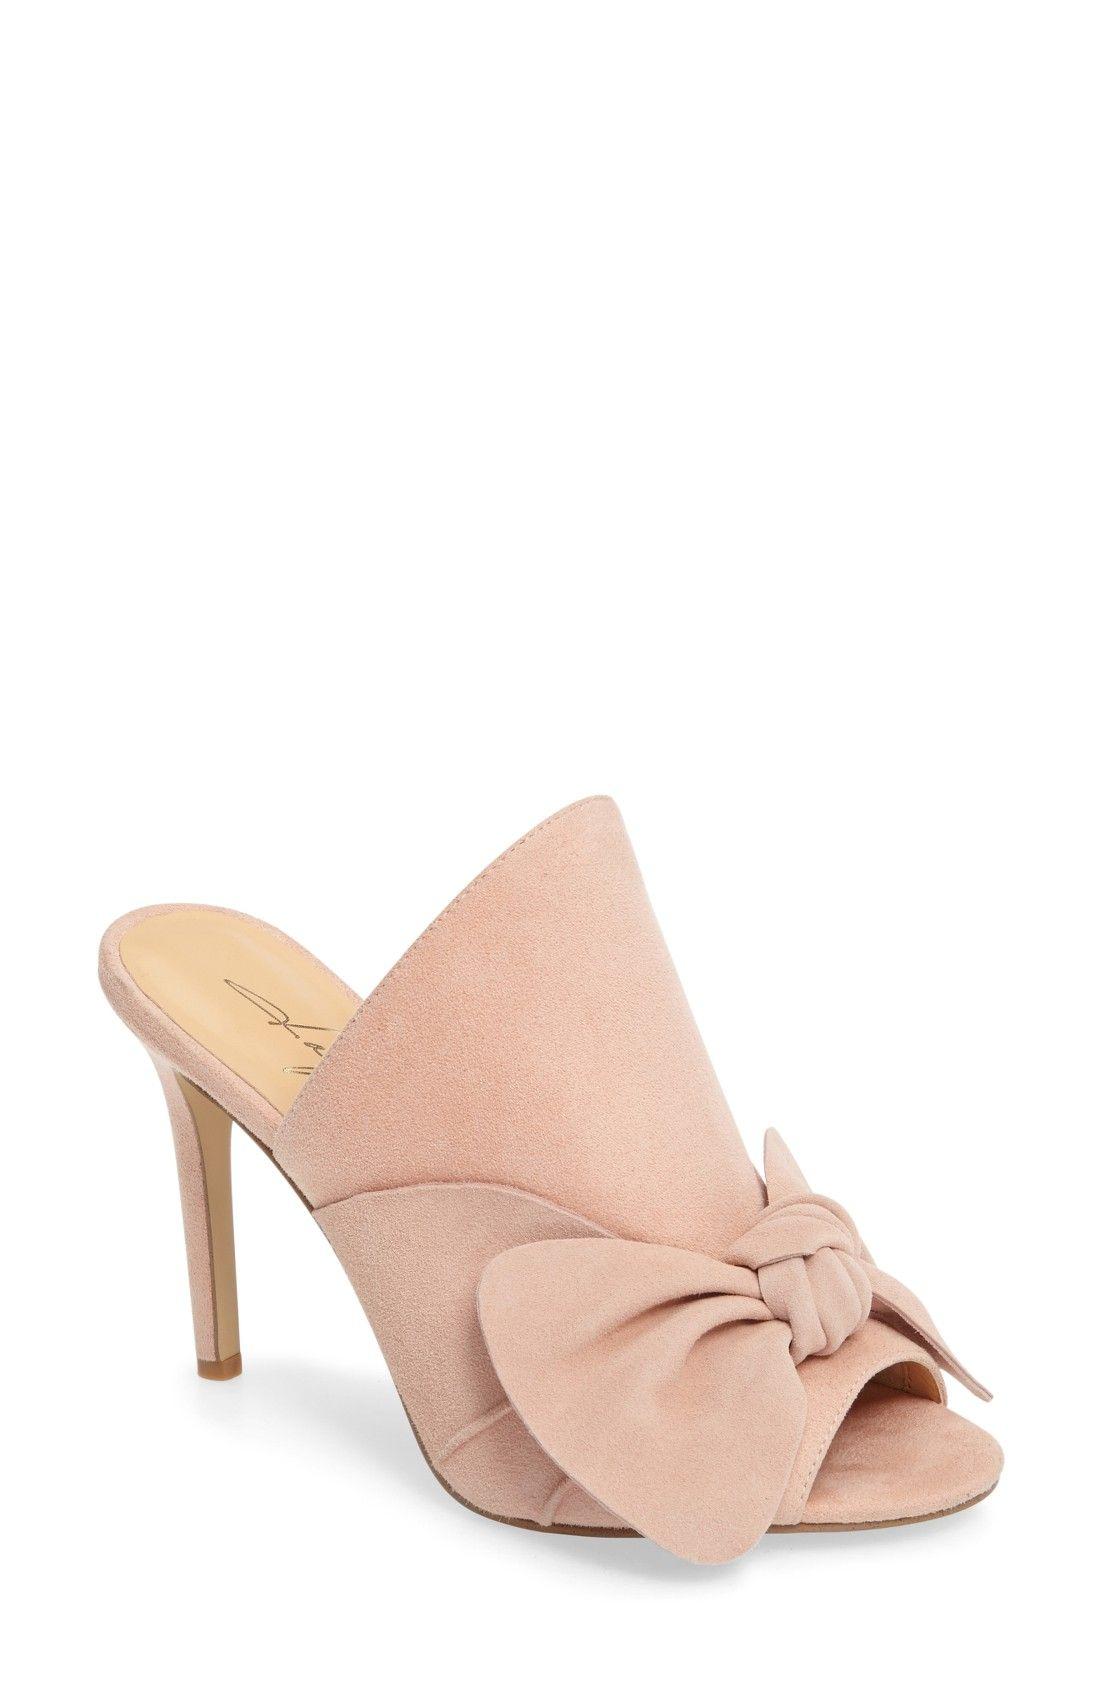 blush pink bow mules